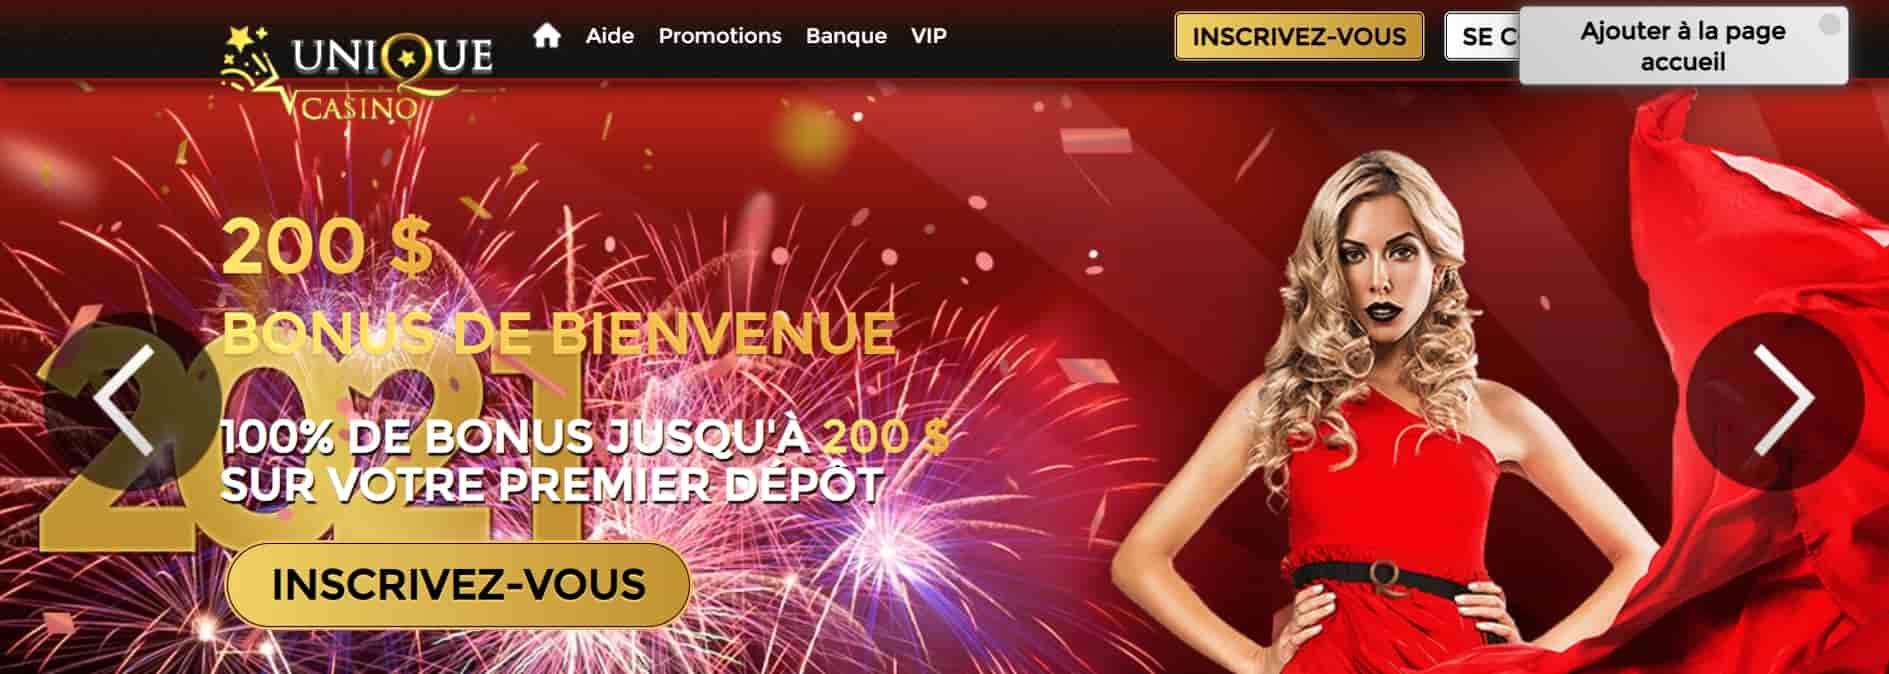 10 euros gratuit casino